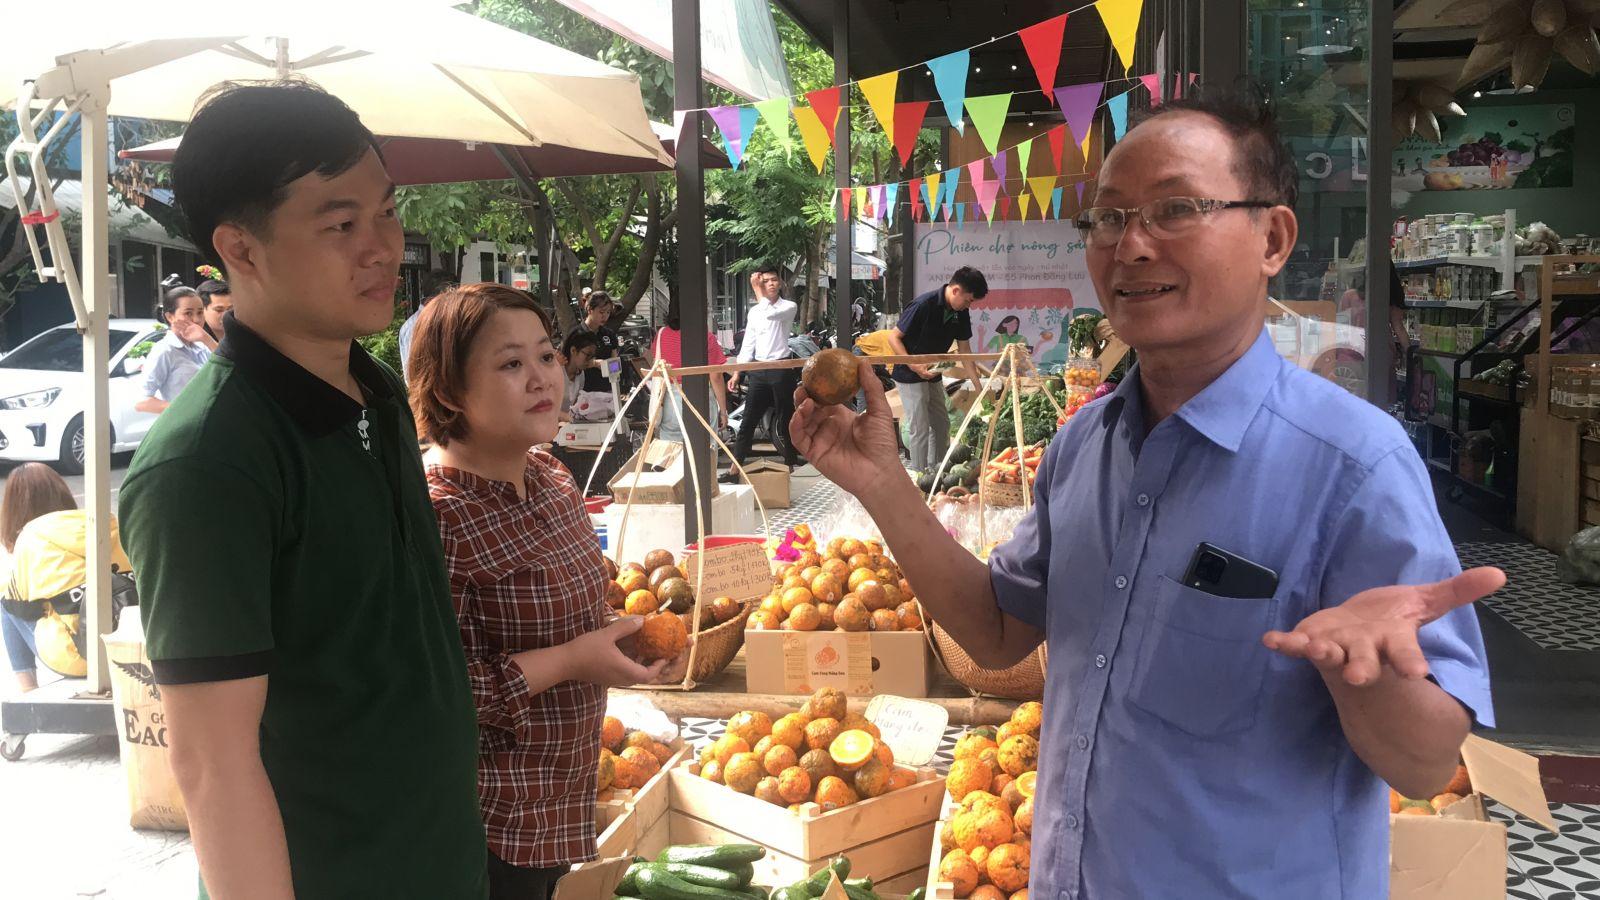 Ông Nguyễn Quang Đông – nông dân sản xuất nông sản hữu cơ đang giới thiệu sản phẩm với khách hàng.